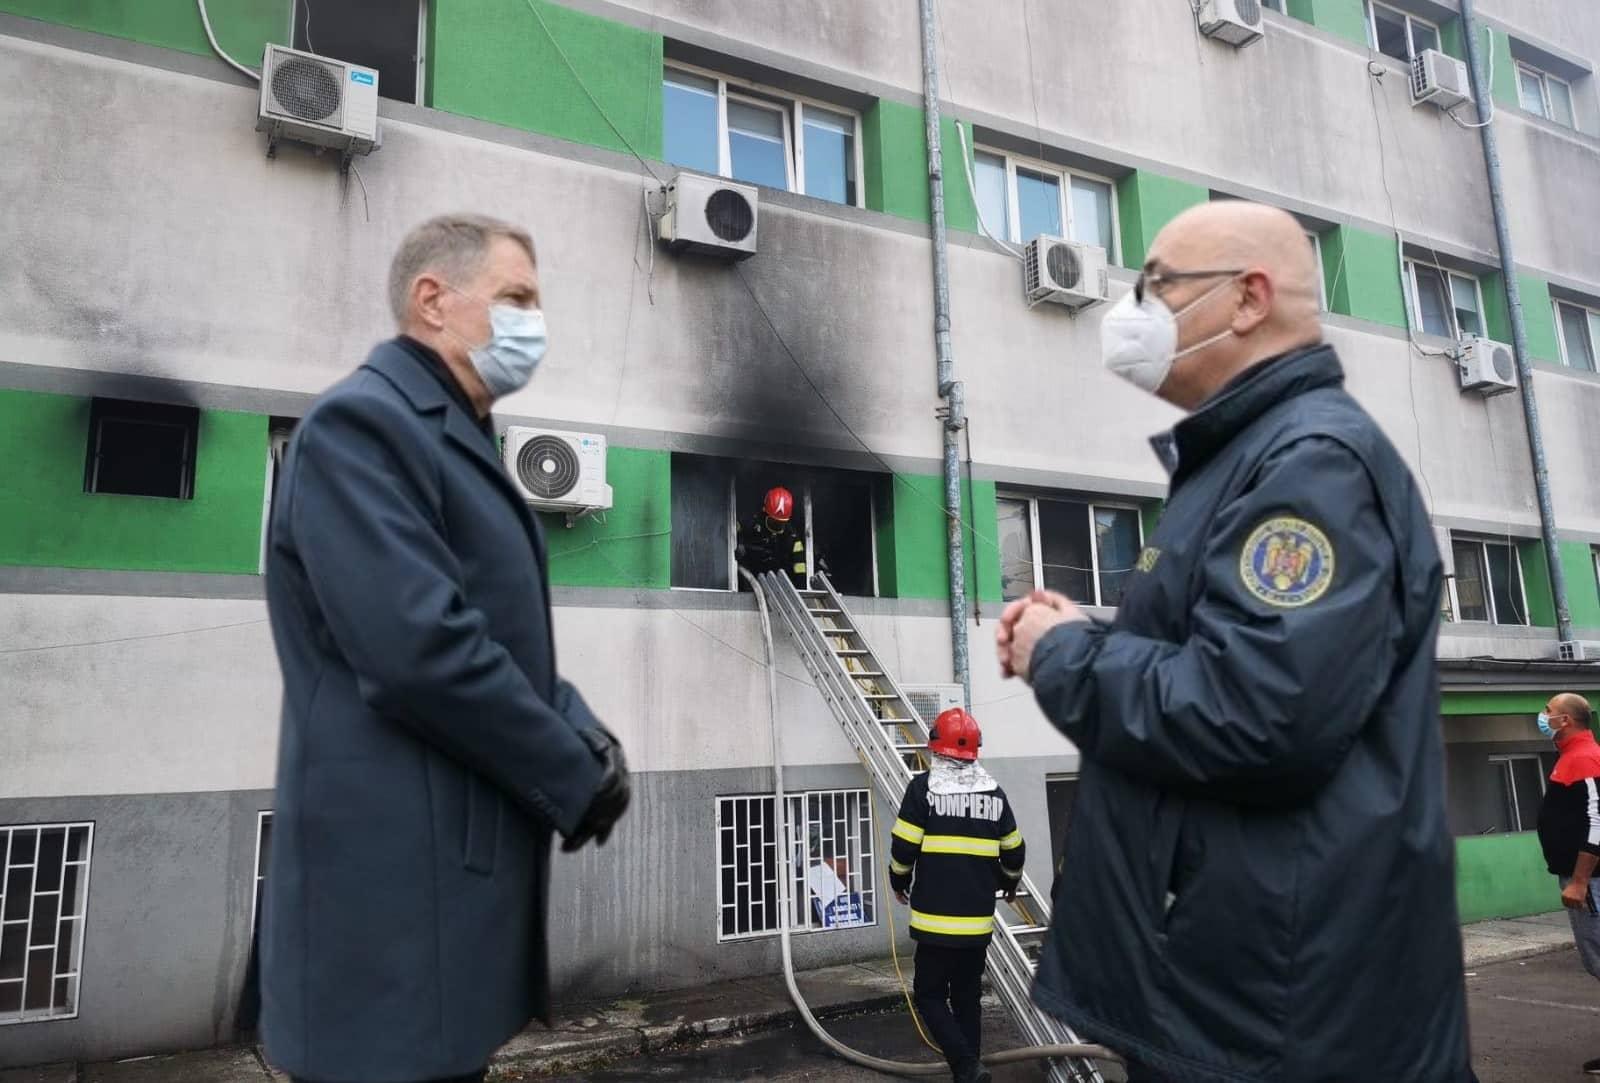 Ard de vii românii în spitale, peste tot e numai jale… AJUNGE! Plecați TOȚI – CRITICII.RO